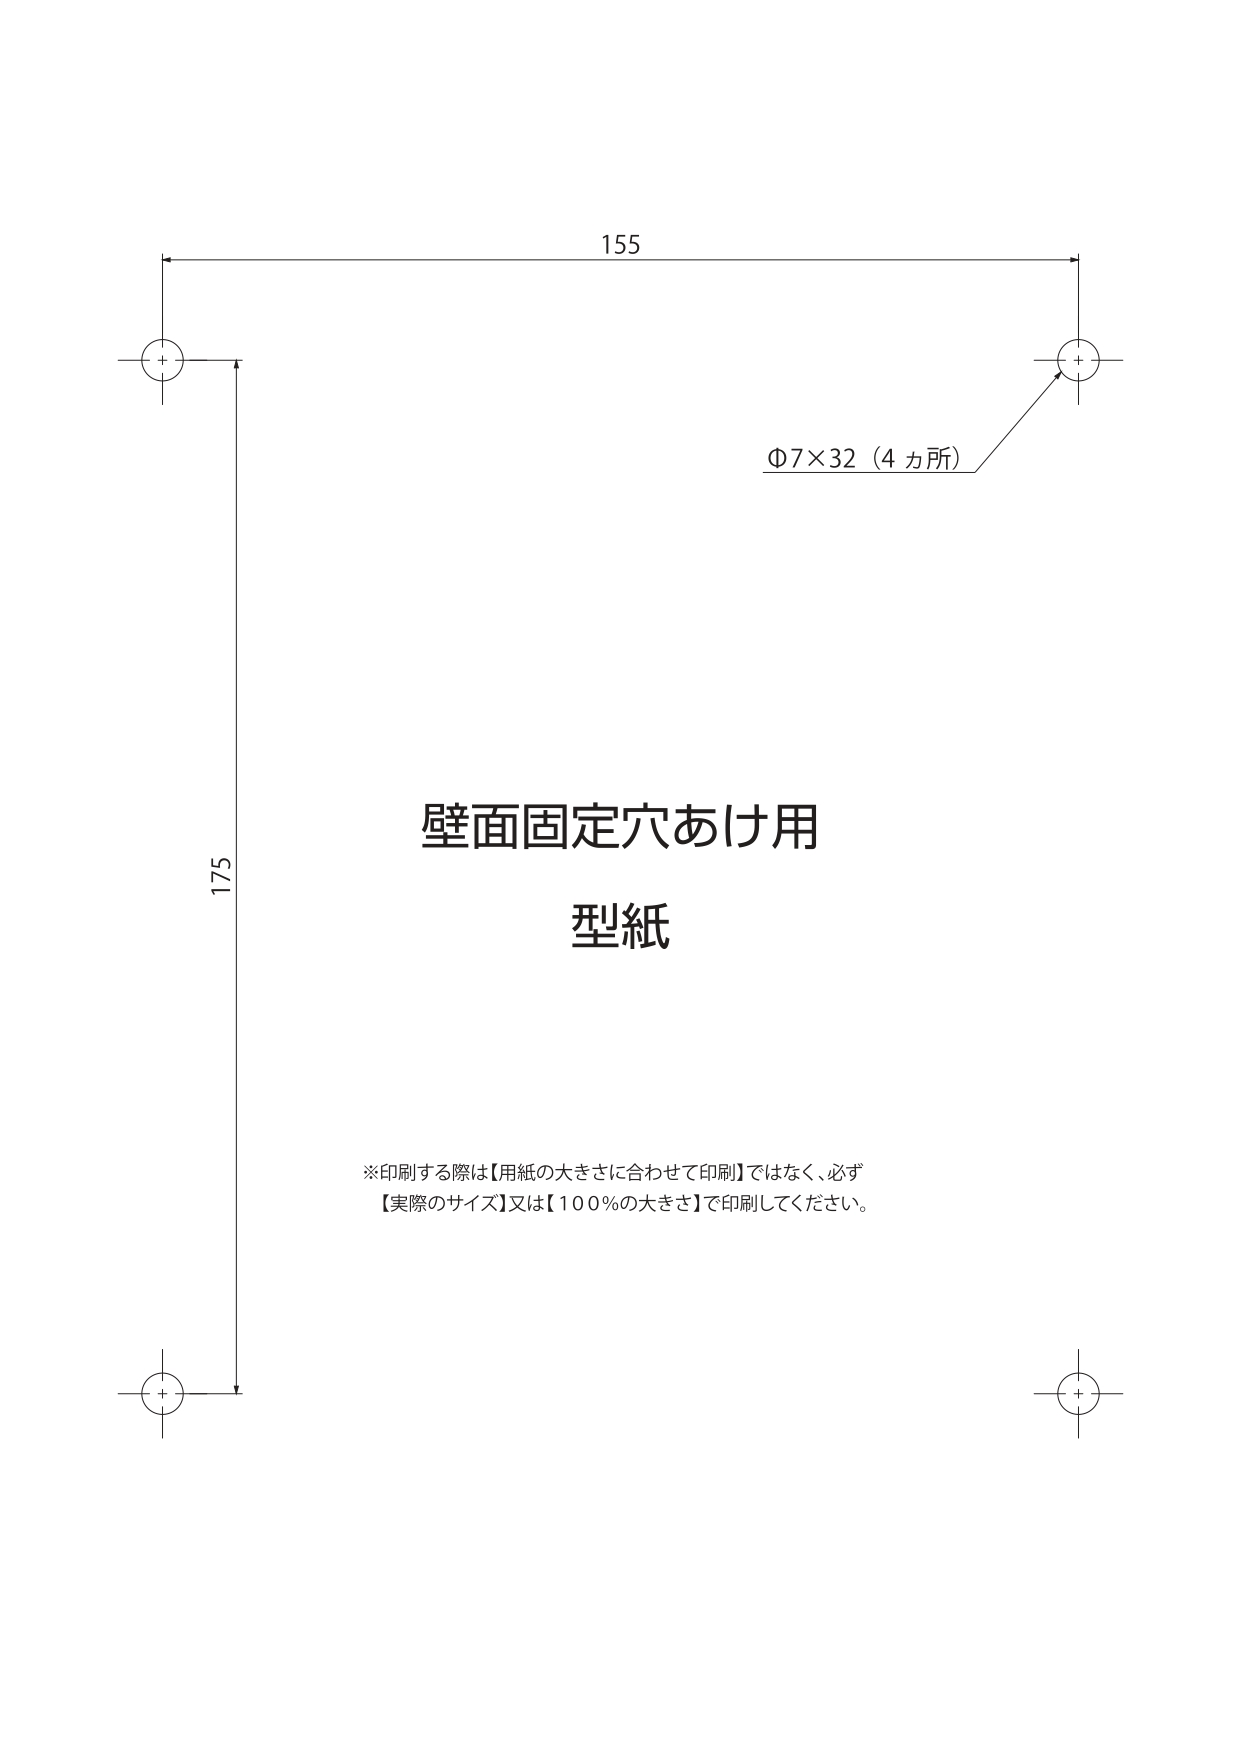 オーパス 施工説明書_page-0005